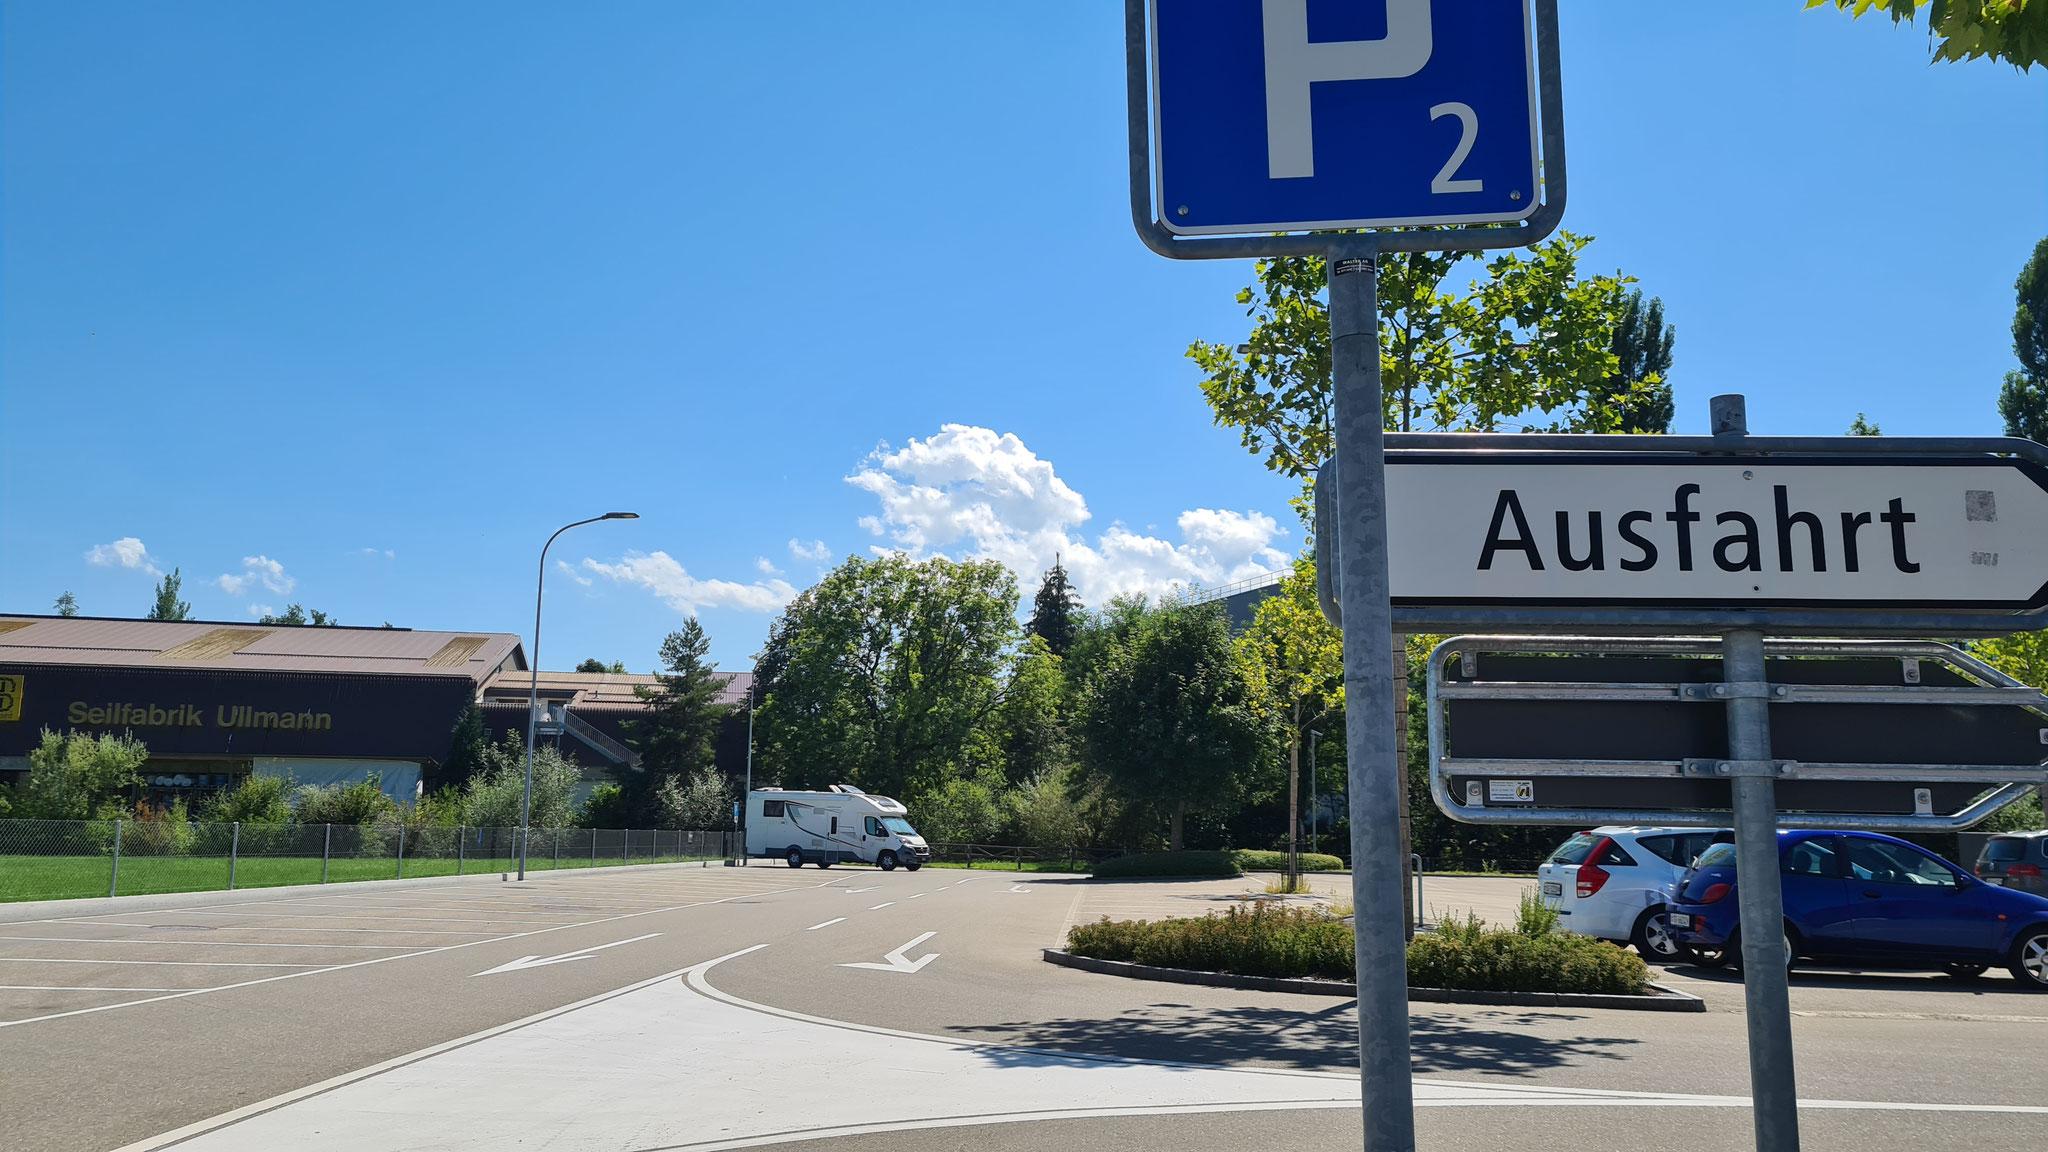 ...dürfen Camper und Busse hier sogar kostenlos stehen!